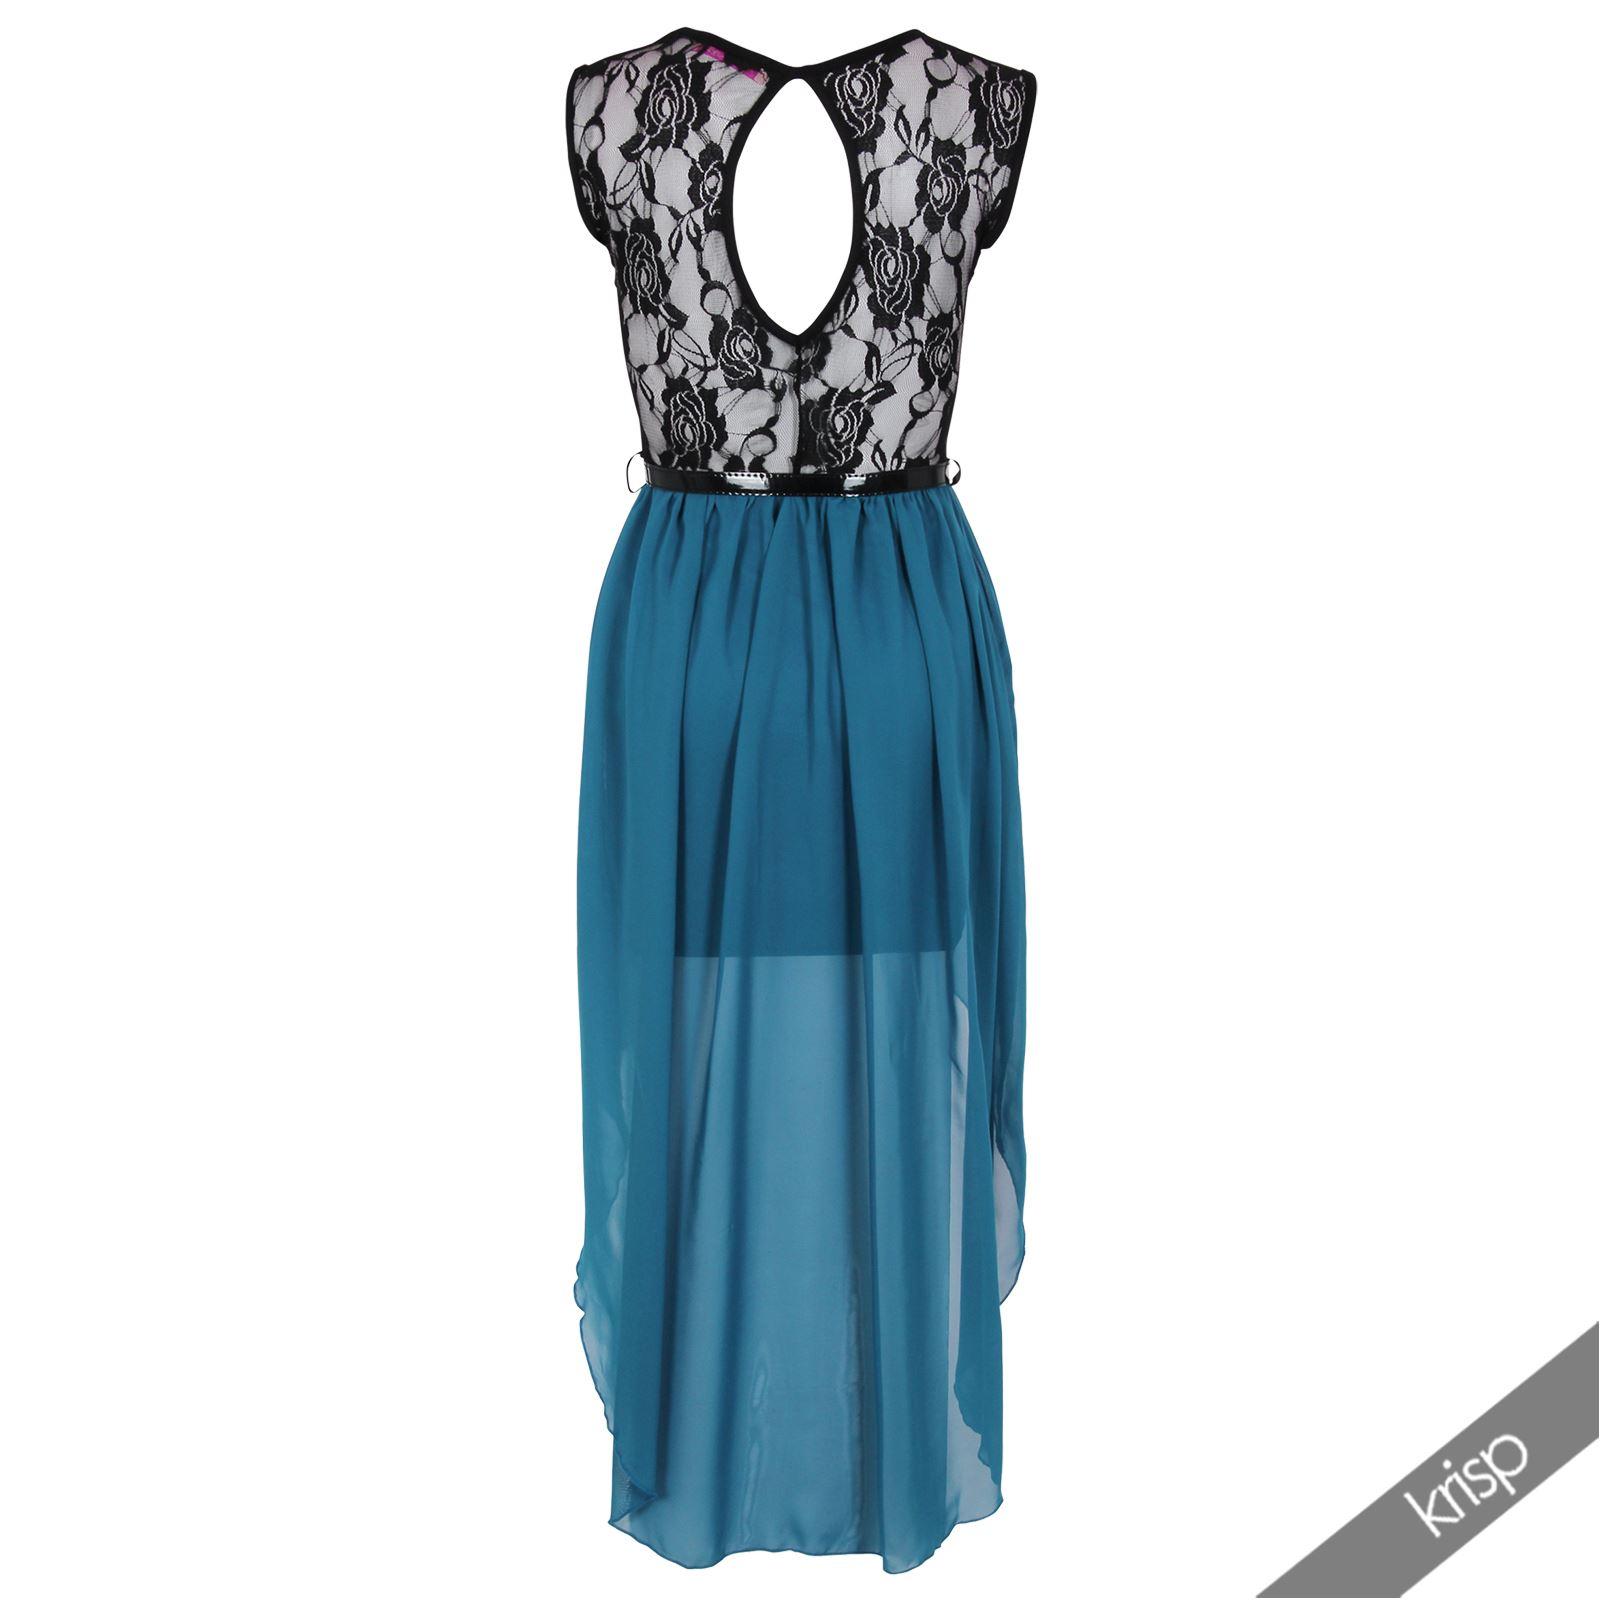 robe de bal asym trique ourlet plongeant femme gala voile. Black Bedroom Furniture Sets. Home Design Ideas